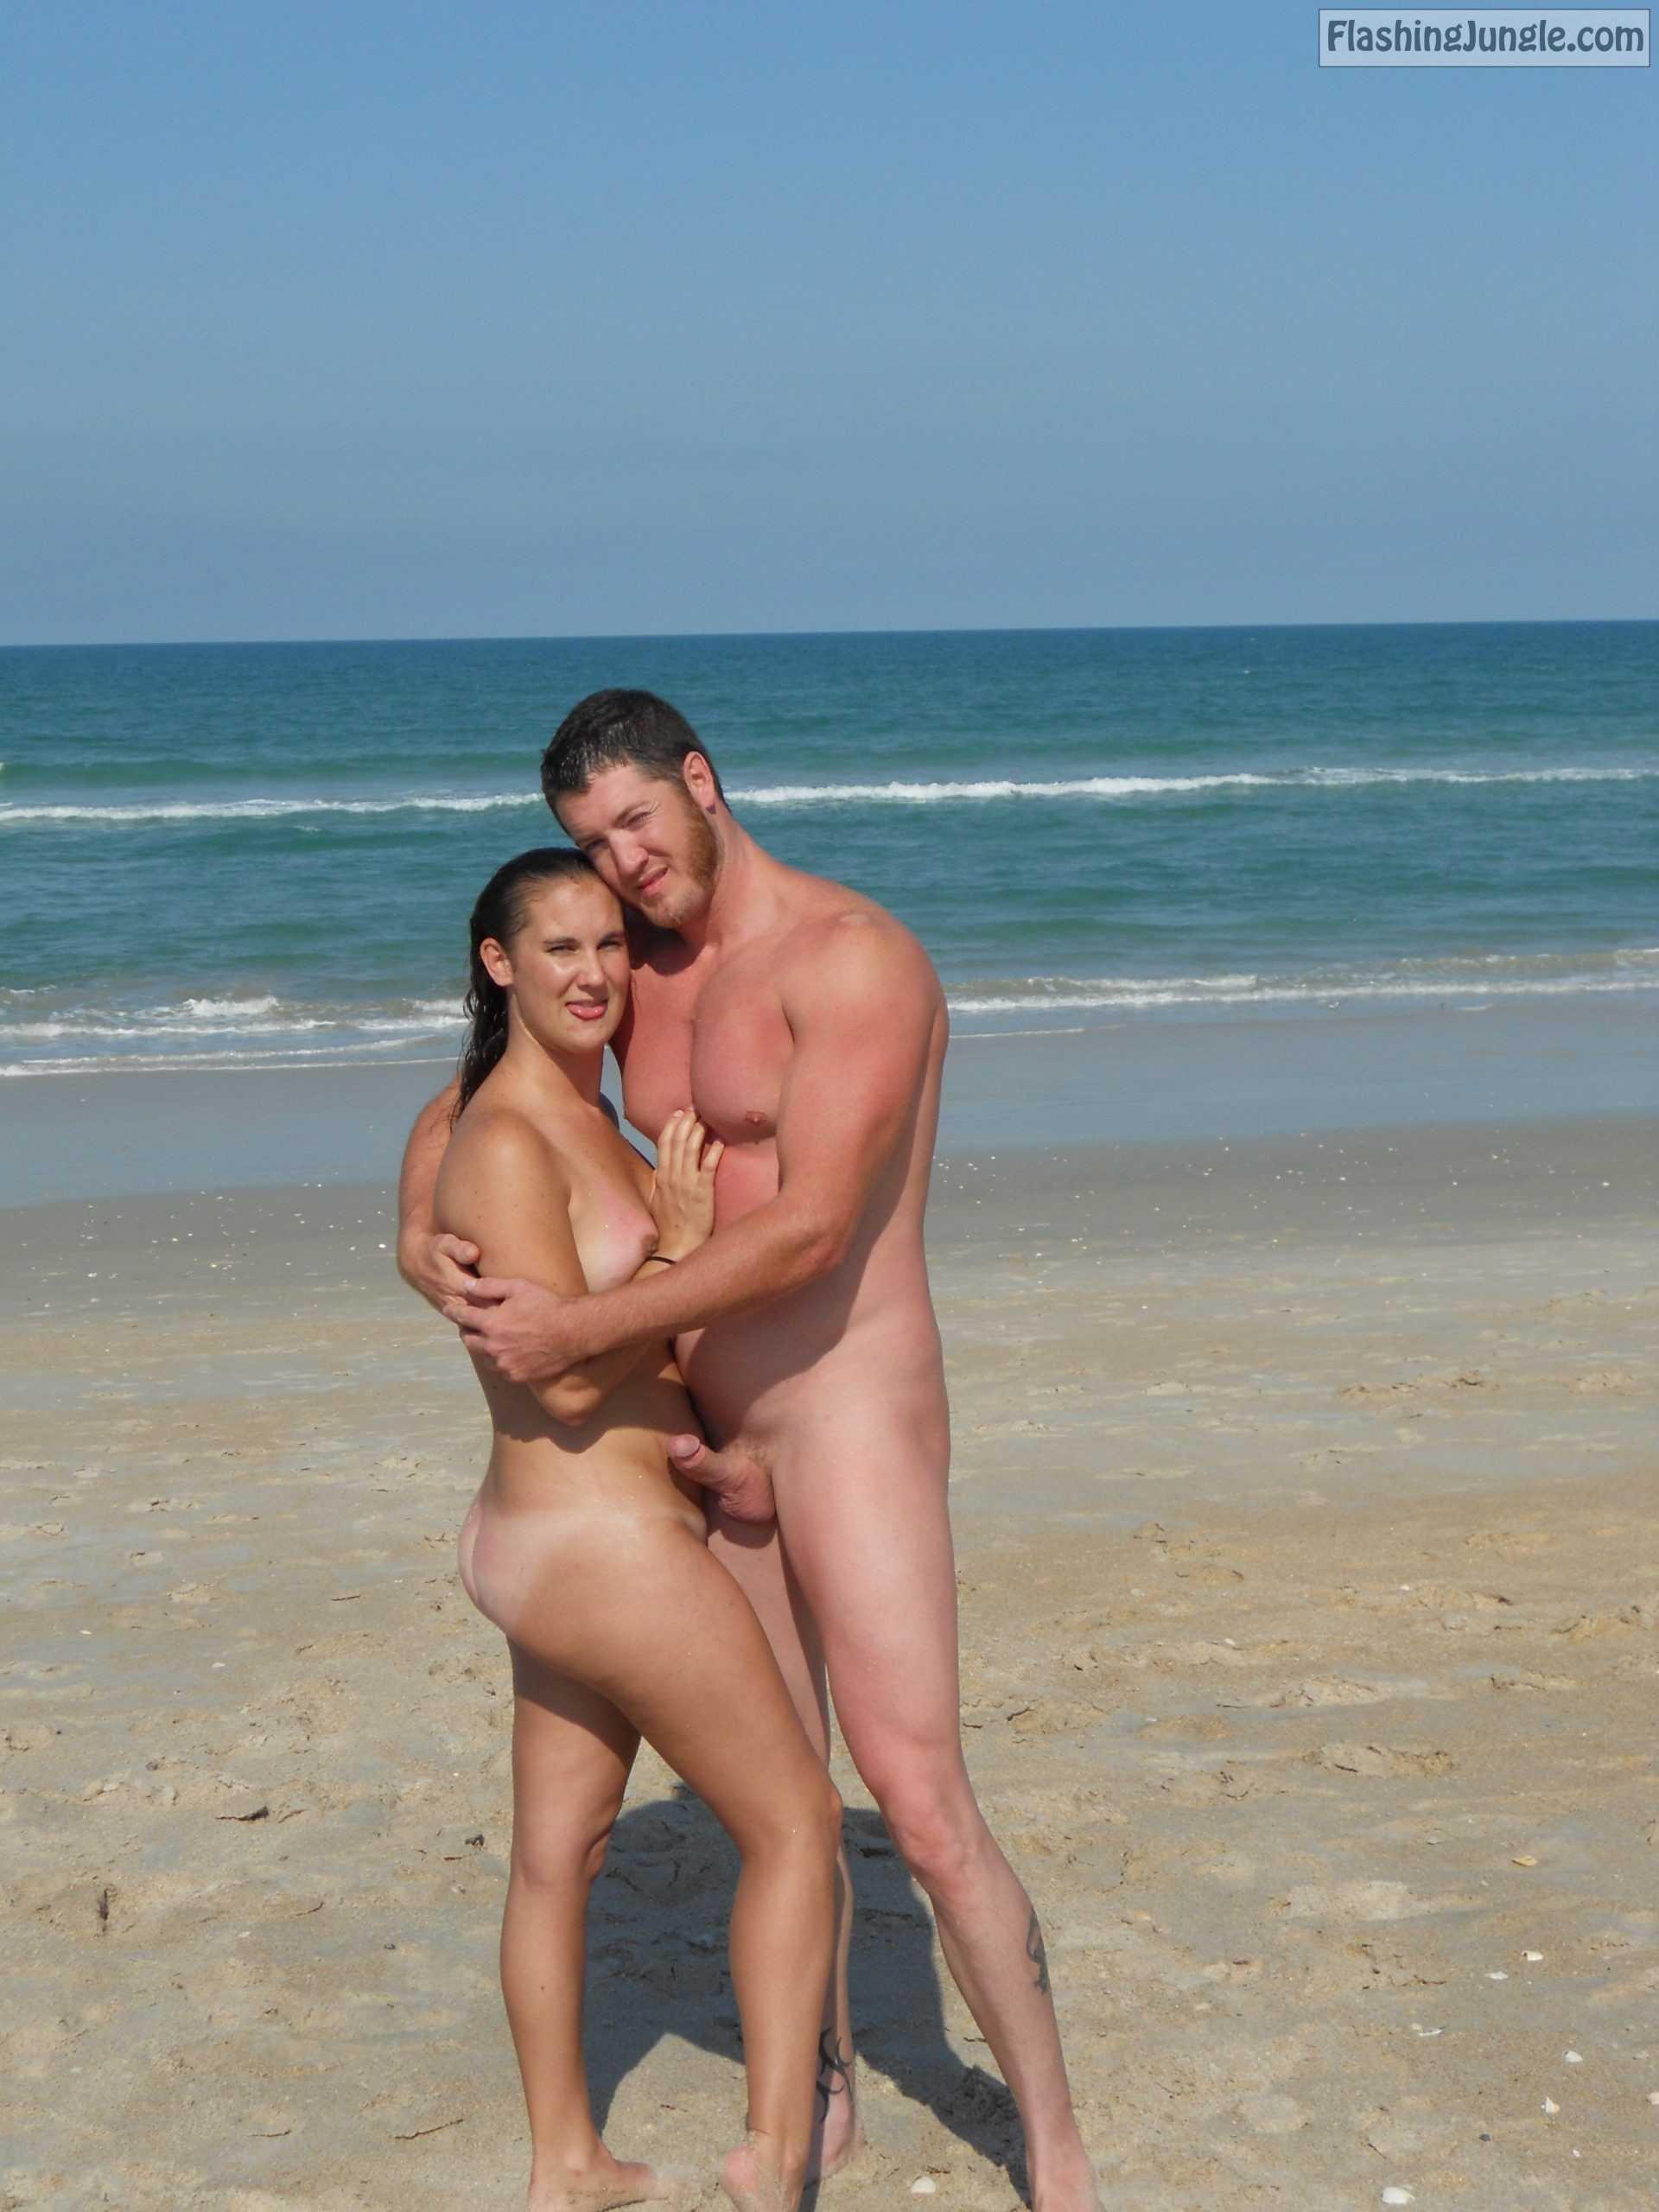 tumblr cougar beach